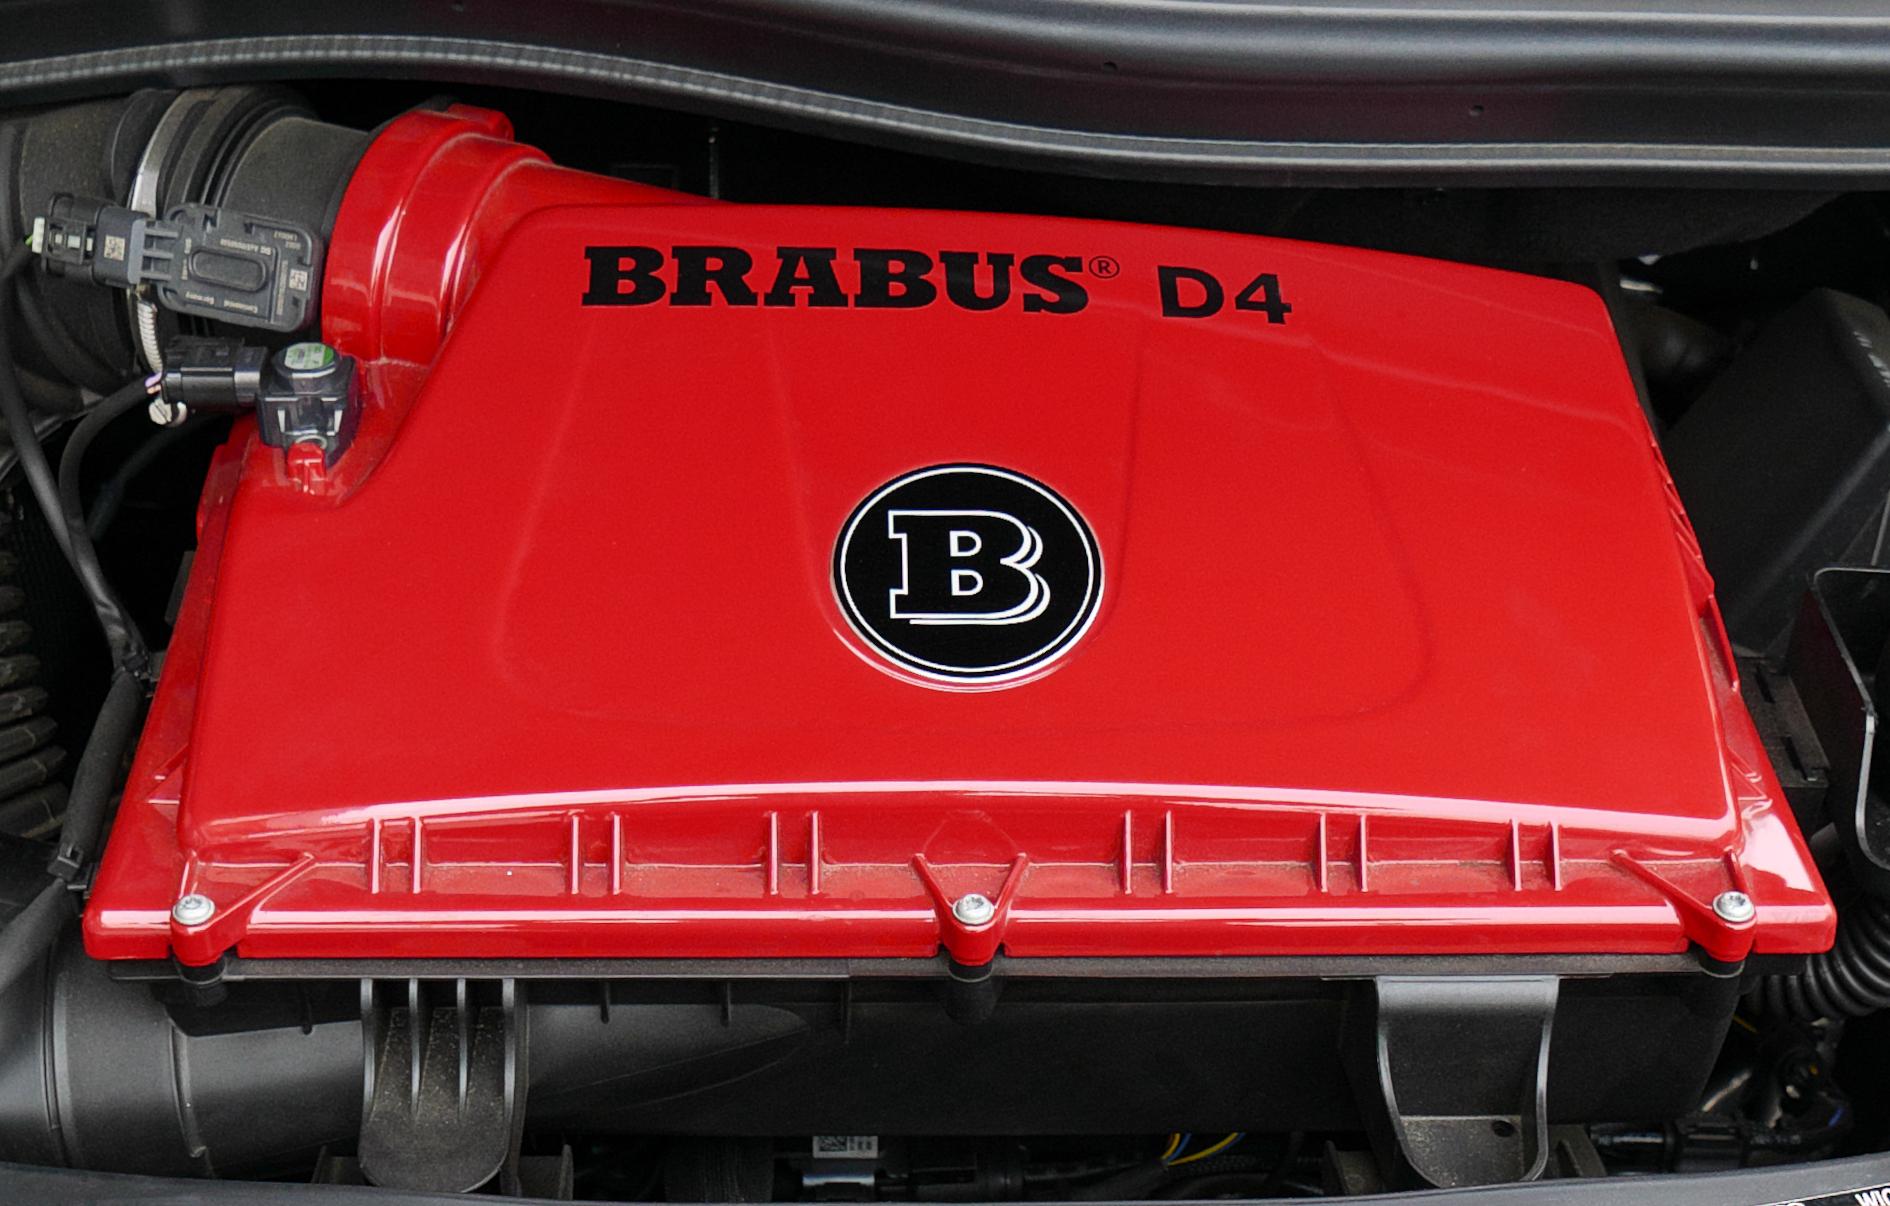 ブラバス V-D4 エンジンカバー